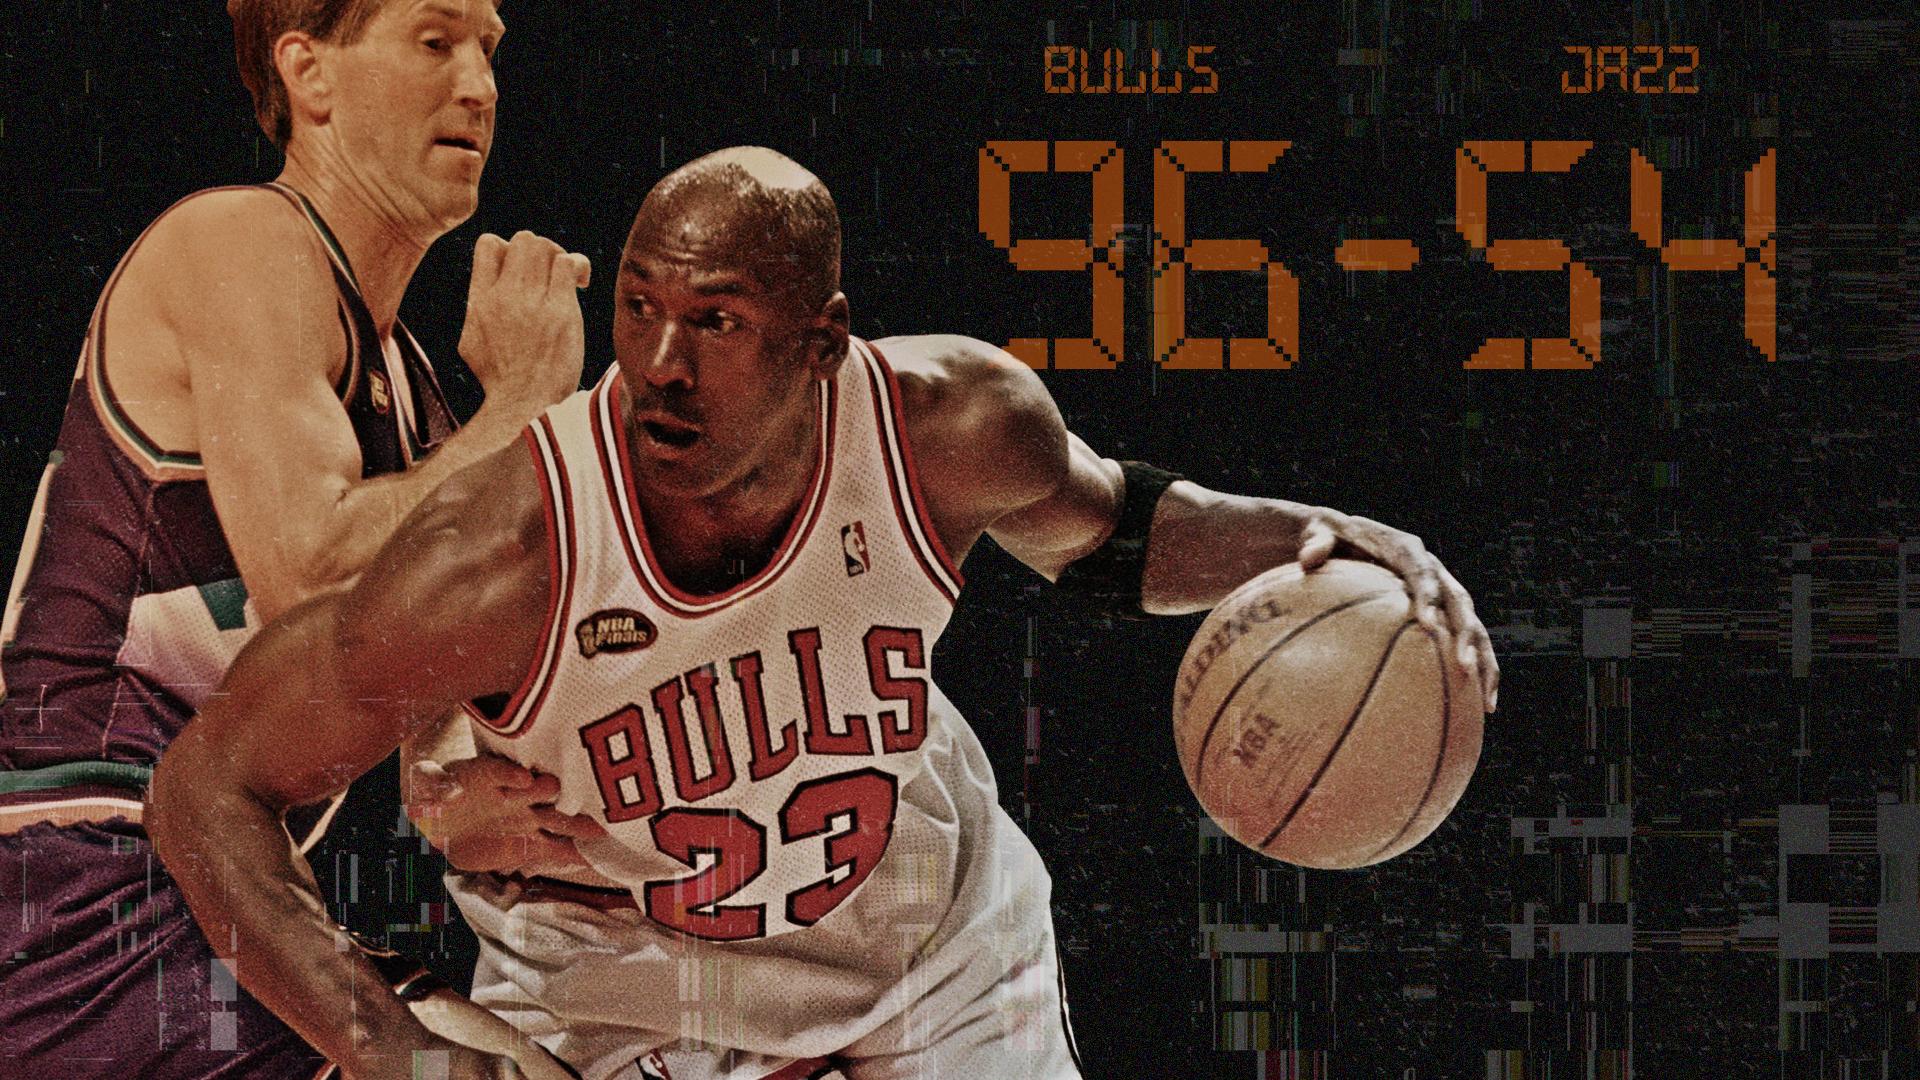 biggest NBA Finals blowout ever